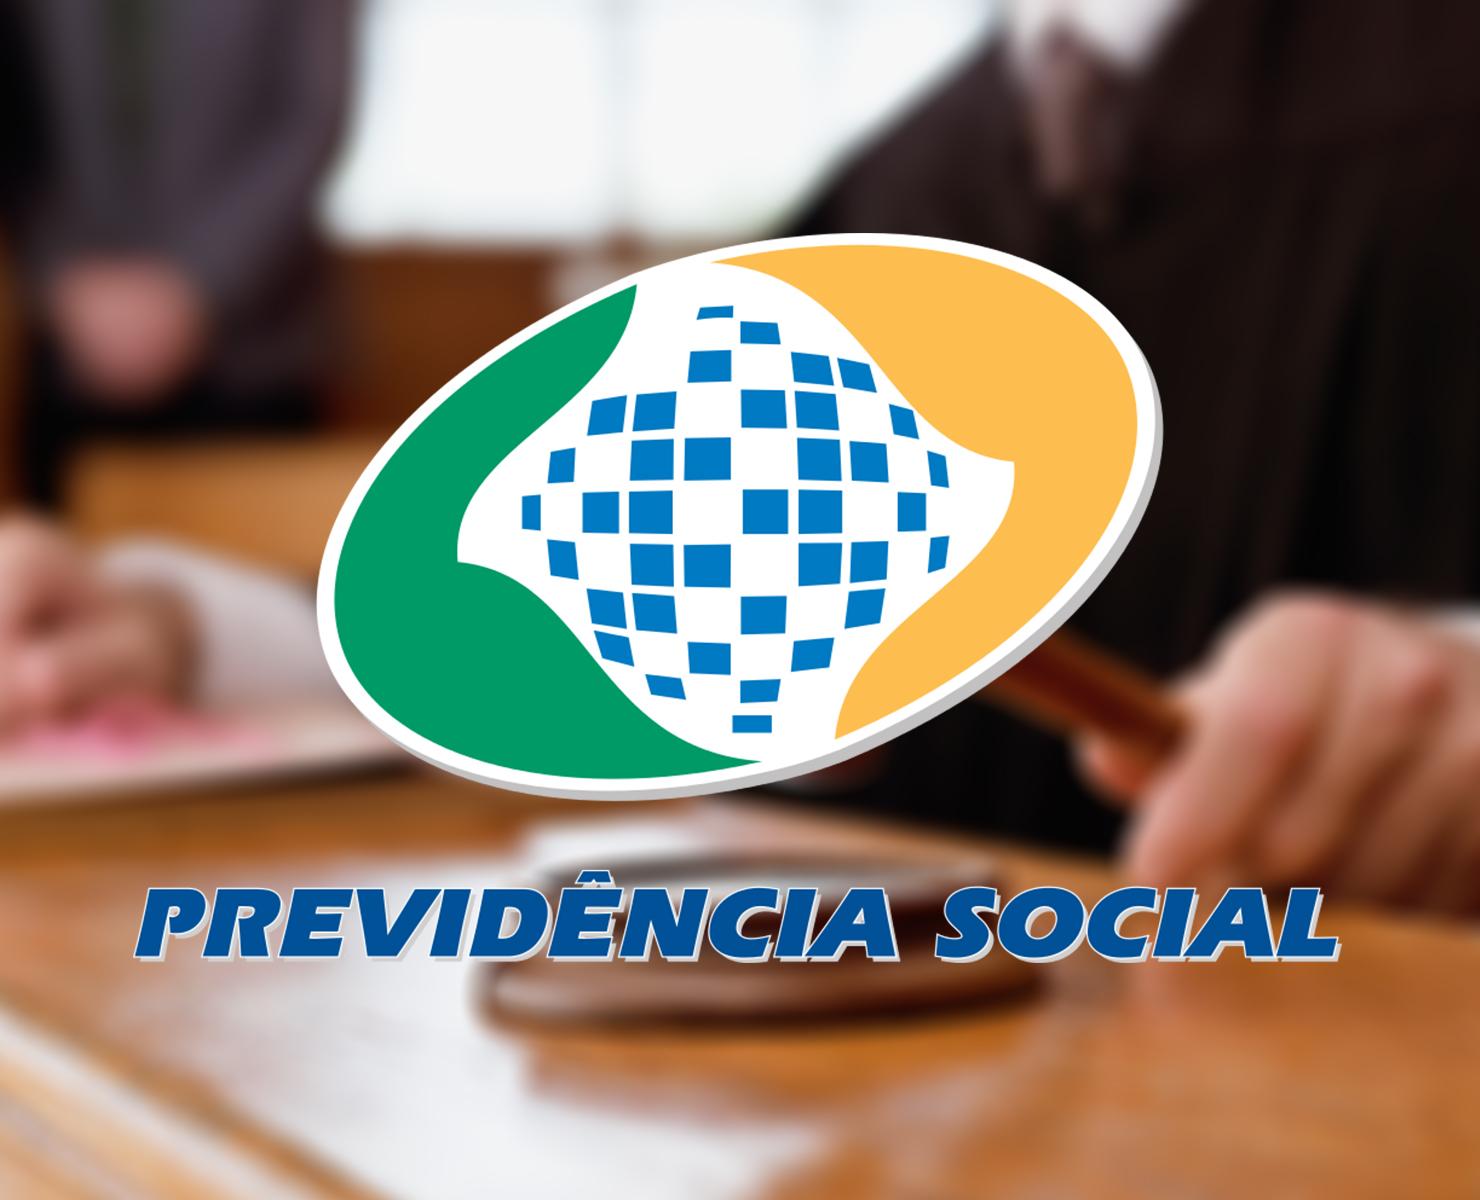 INSS: JUSTIÇA PAGA BENEFÍCIO ATRASADO A 88 MIL SEGURADOS